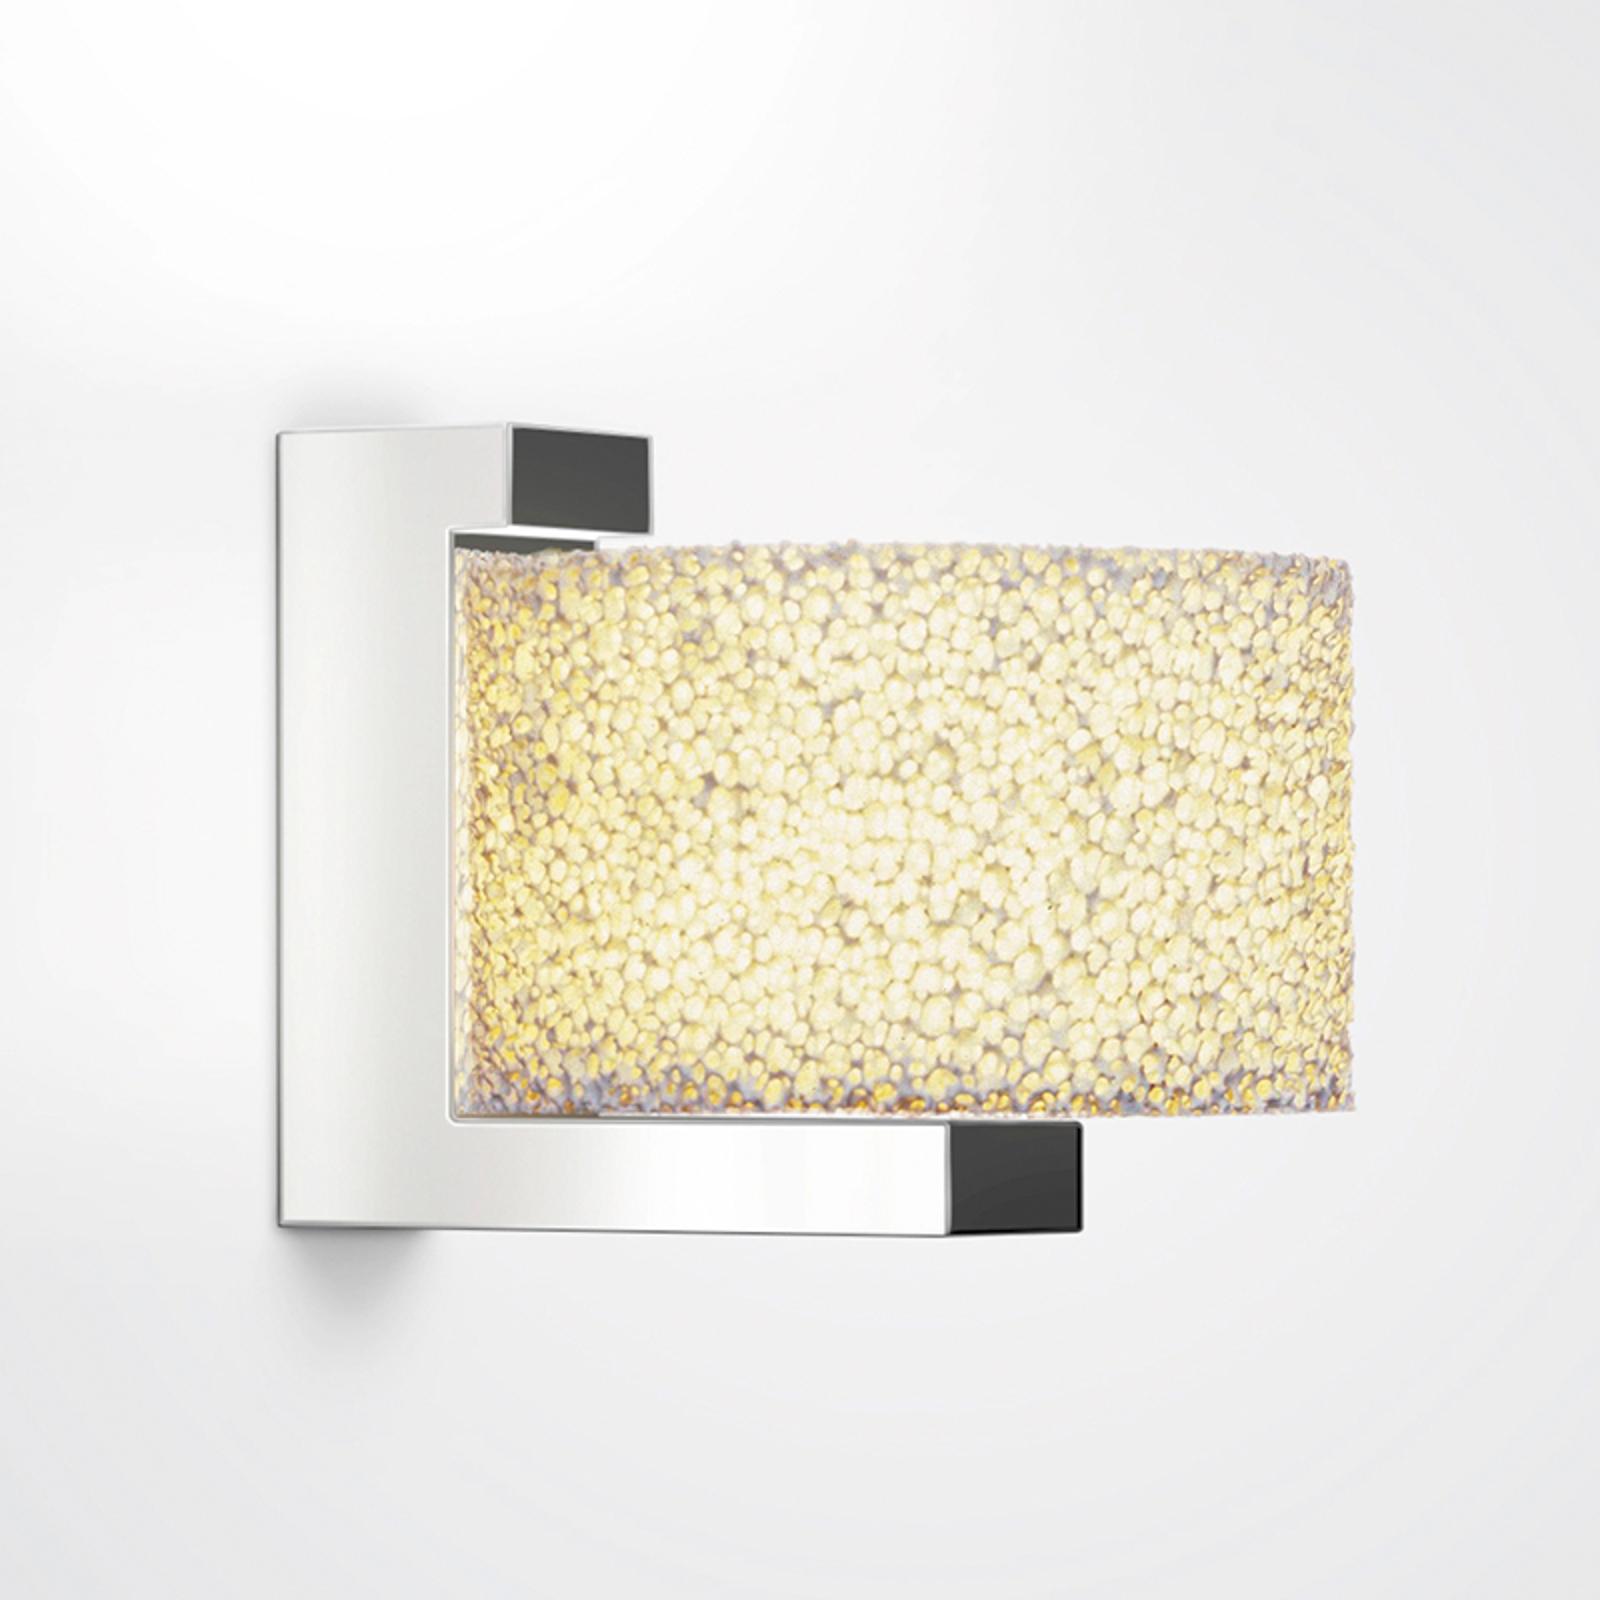 serien.lighting Reef - Schaumkeramik-Wandleuchte kaufen